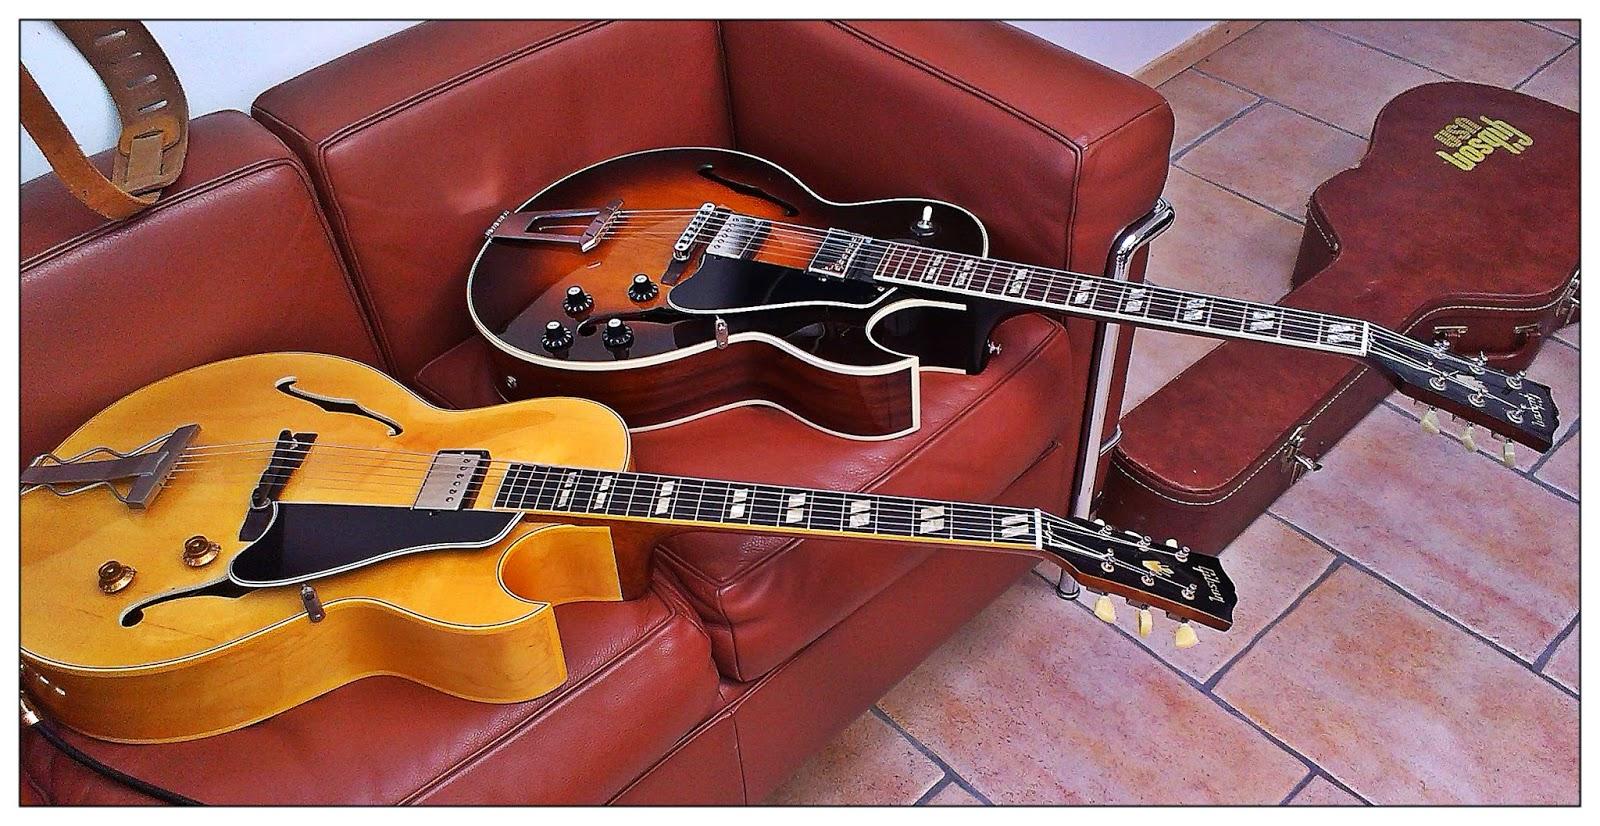 Dutchbopper's Jazz Guitar Blog: 1959 Gibson ES 175 VOS